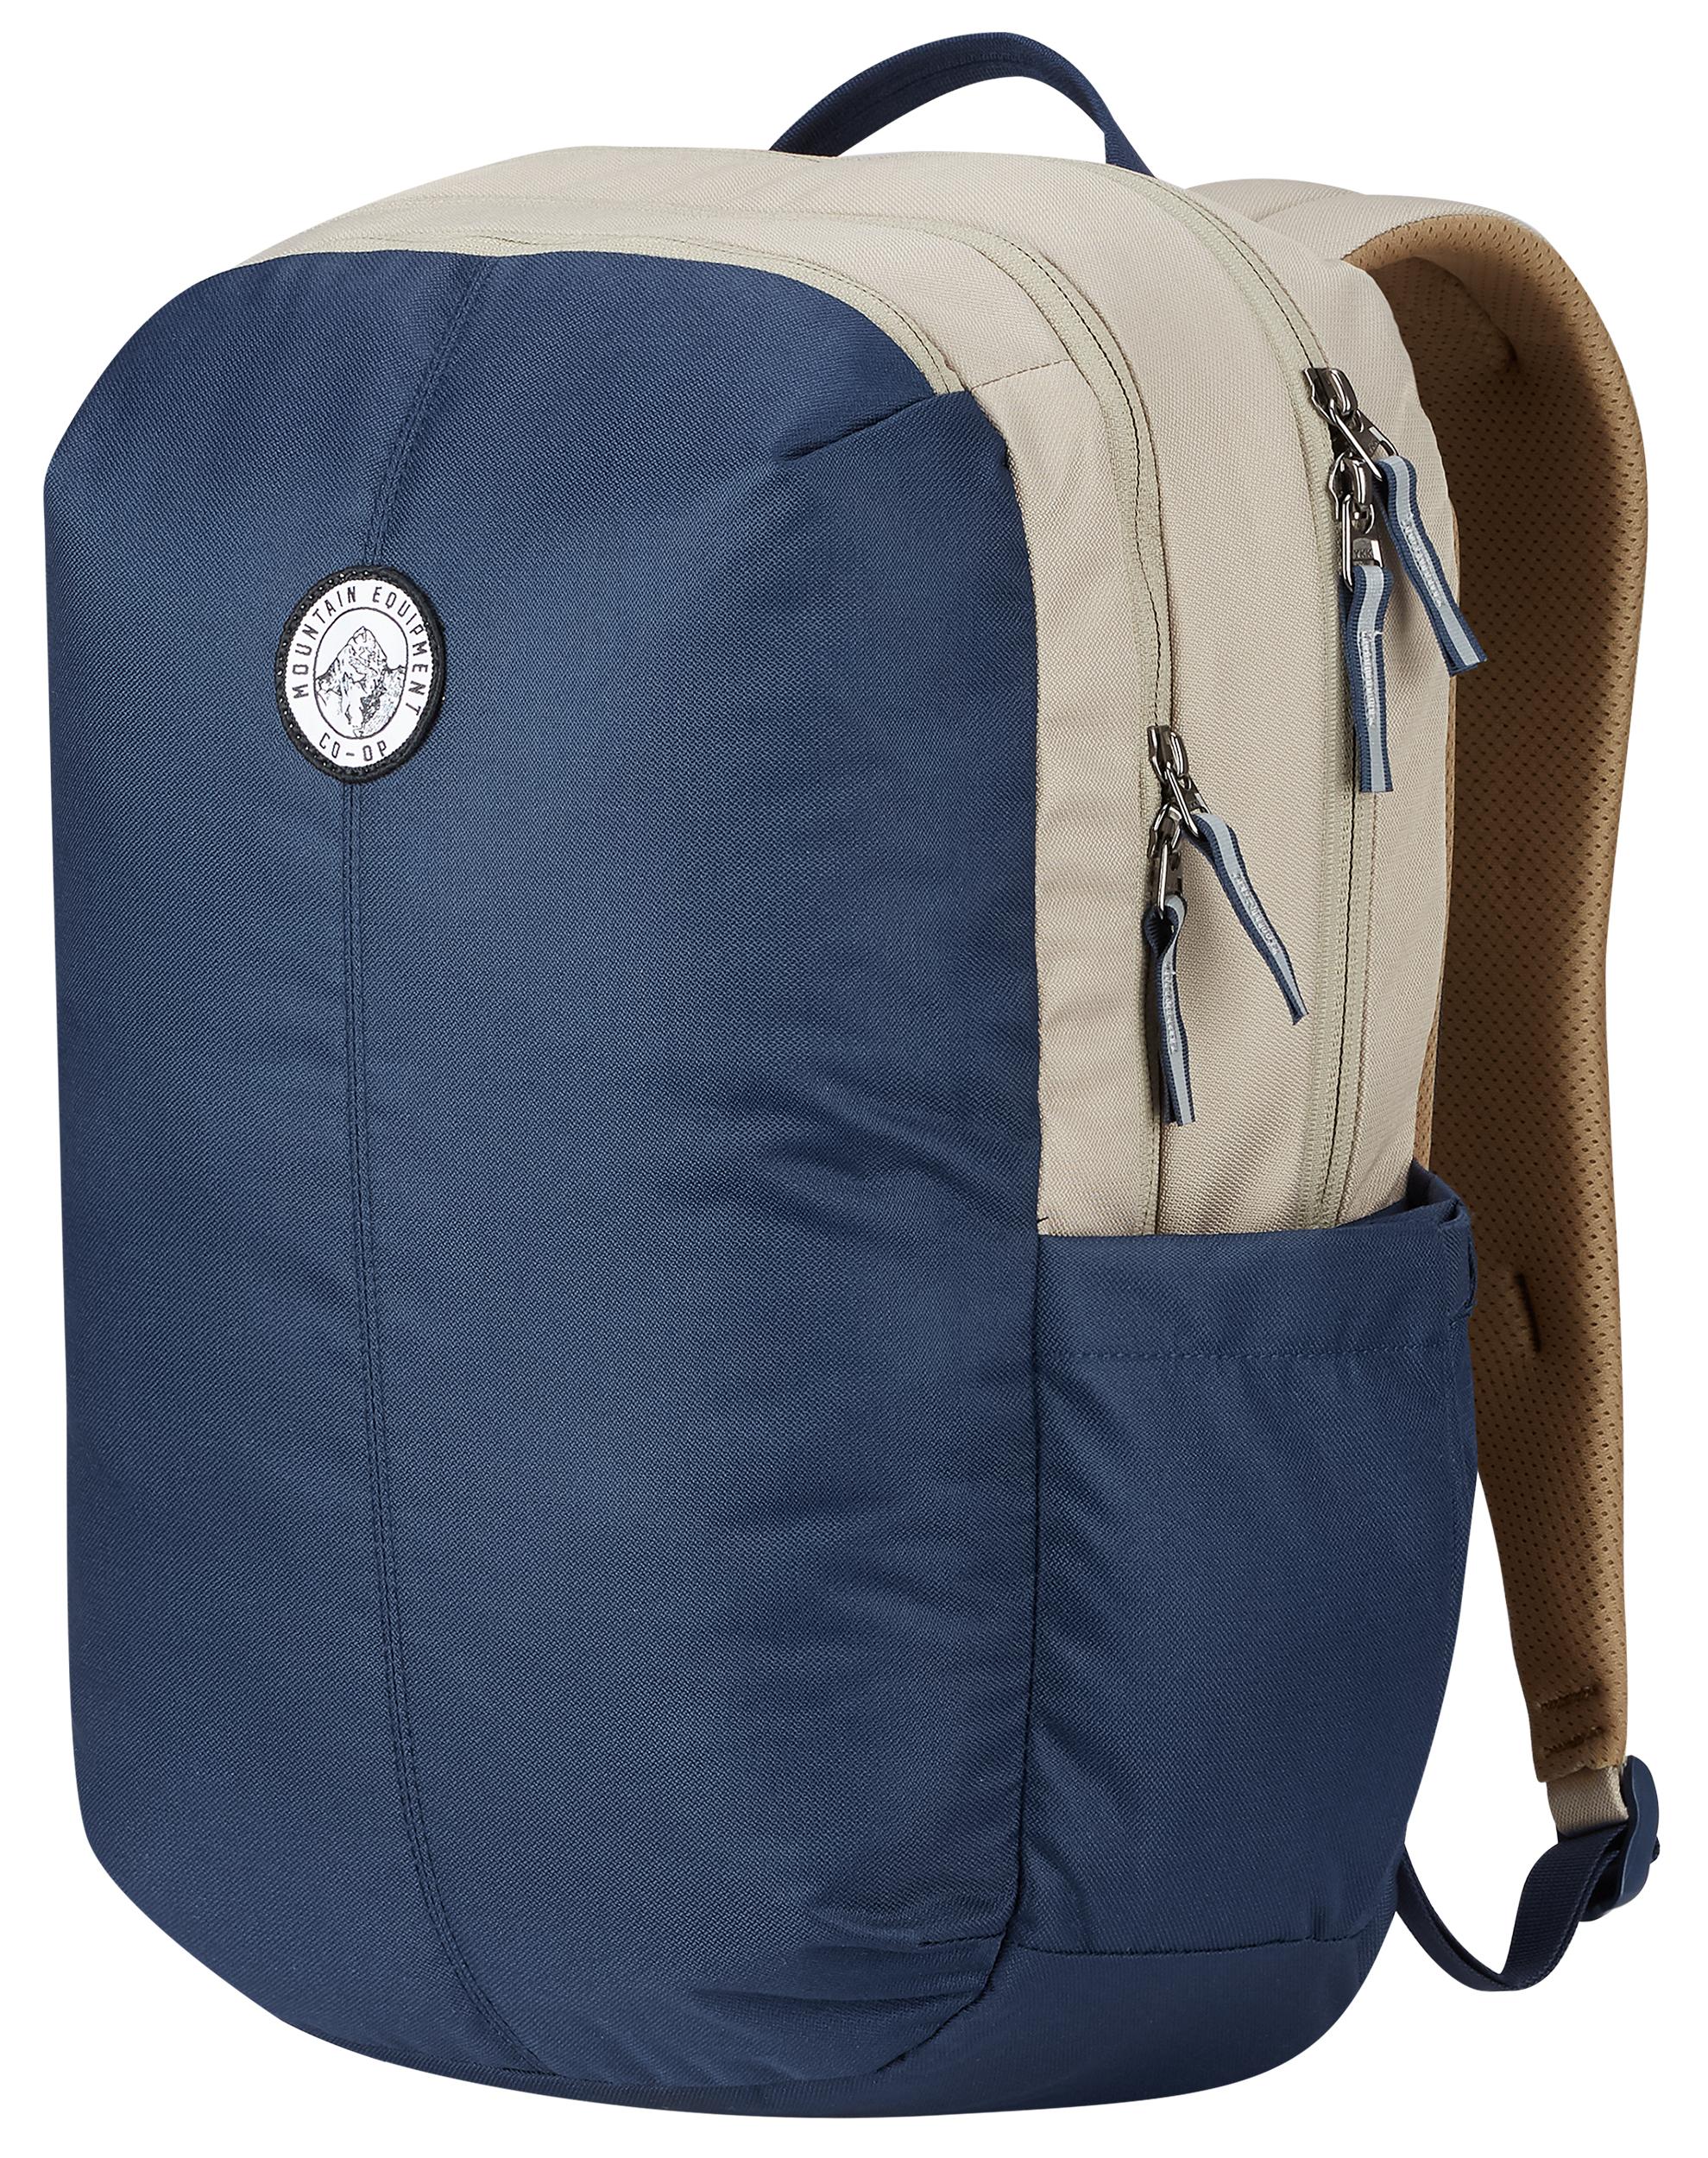 5cb475591cf1 Packs and bags | MEC